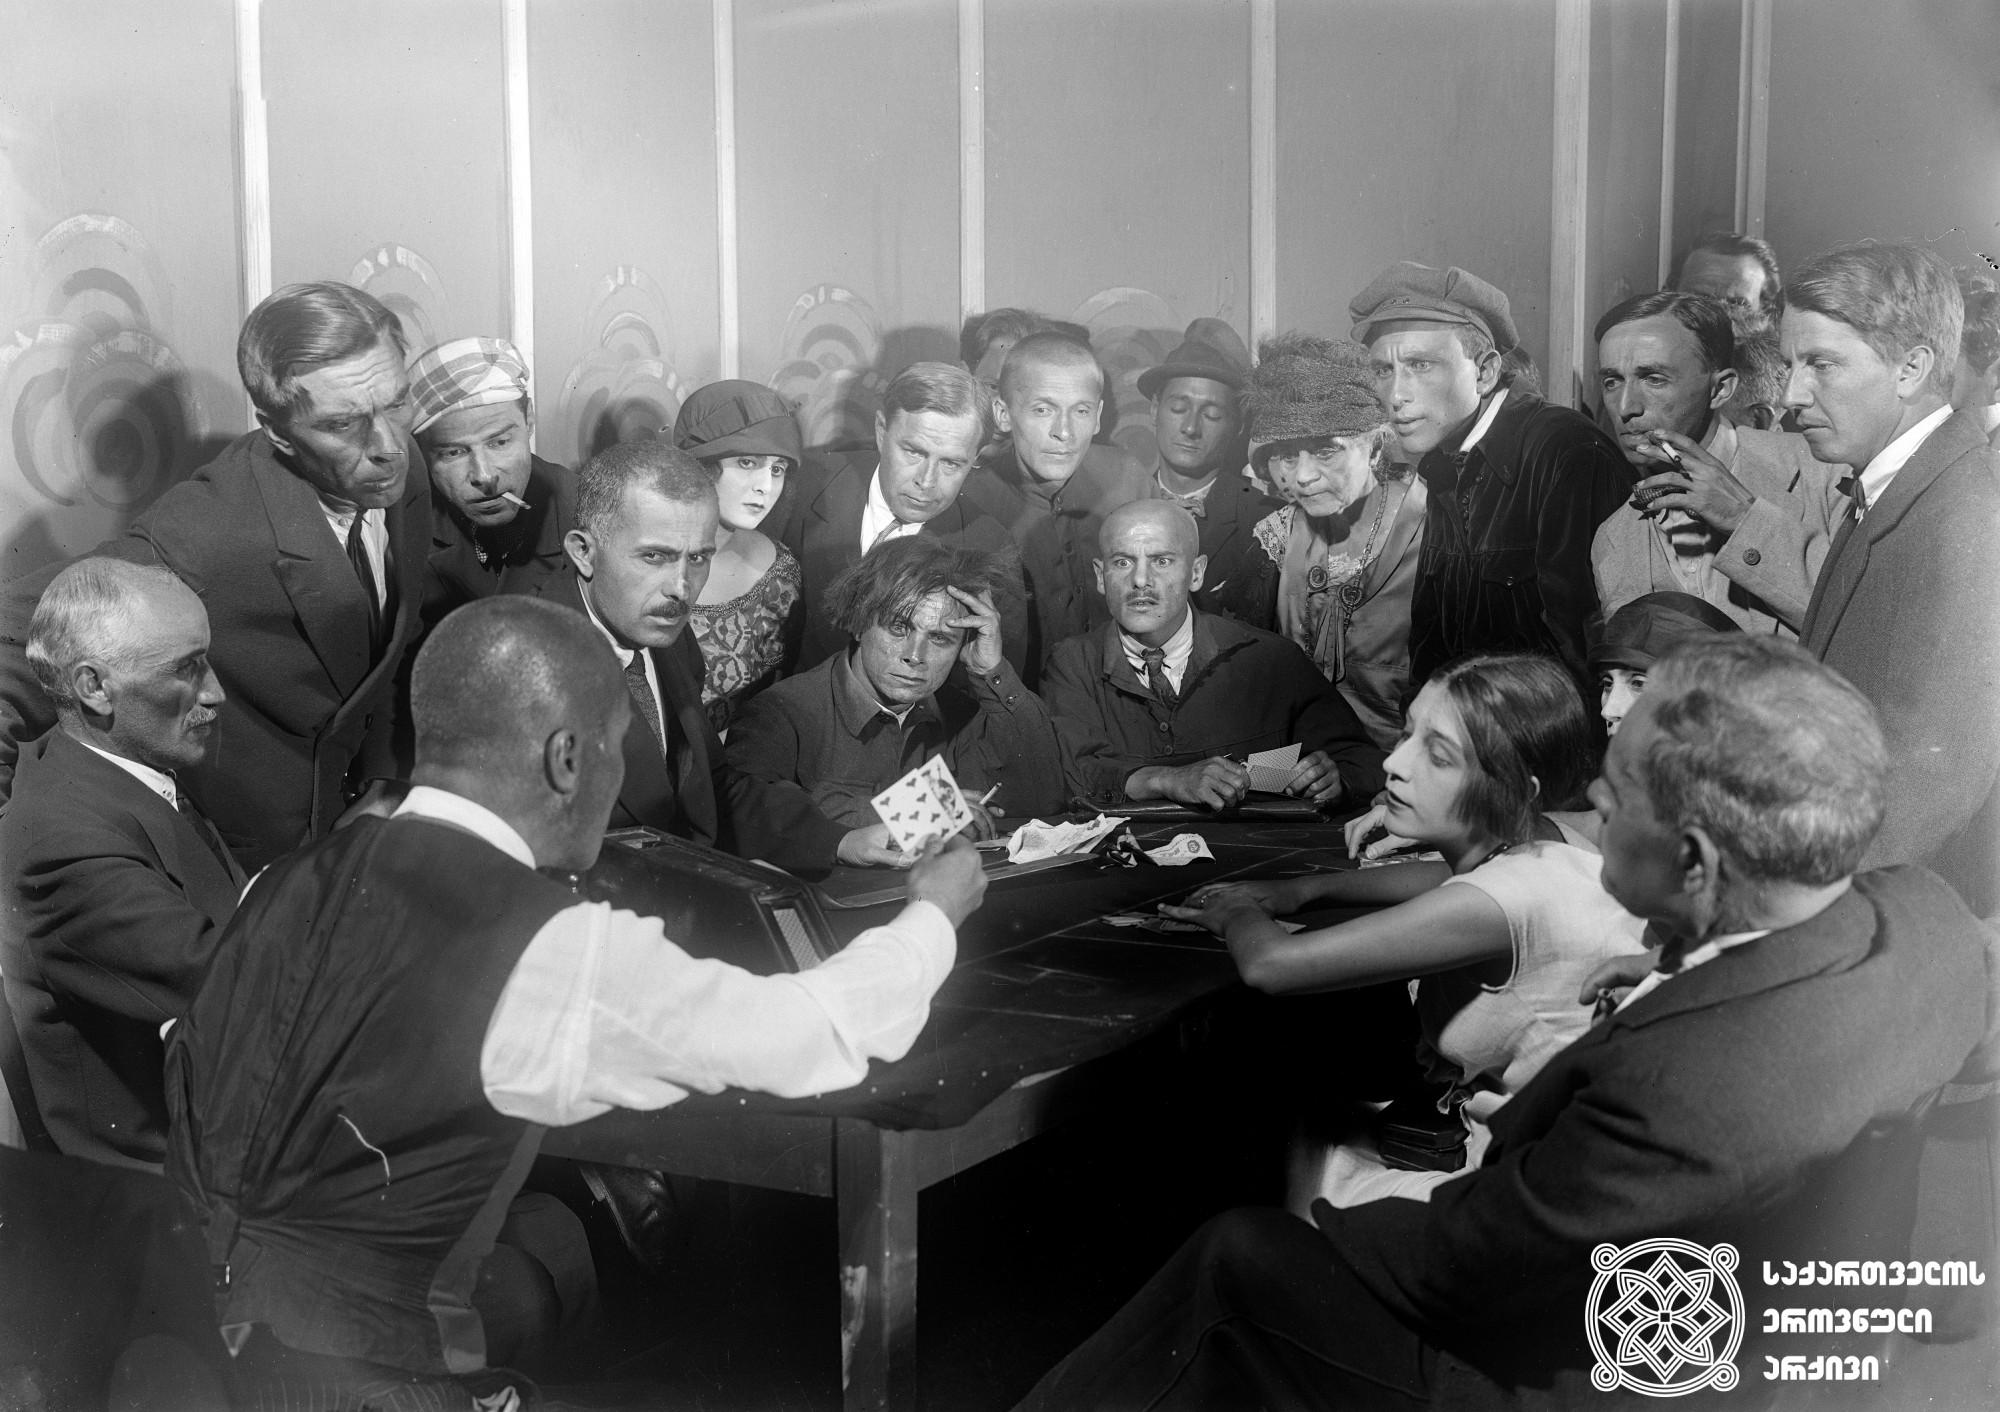 """""""გაფლანგვა"""". 1927. <br> რეჟისორი: ივანე პრესტიანი. <br> სცენარი: ნიკოლოზ შენგელაია, სერგო კლდიაშვილი. ოპერატორი: ალექსანდრე დიღმელოვი. მხატვრები: ვალერიან სიდამონ-ერისთავი, ფიოდორი პუში.  <br>  Gaplangva (Spending). 1927. <br>  Director: Ivan Perestiani. <br> Screenwriters: Nikoloz Shengelaia, Sergo Kldiashvili. Camera operator: Alexander Dighmelov. Production designers: Valerian Sidamon-eristavi, Fiodor Push."""